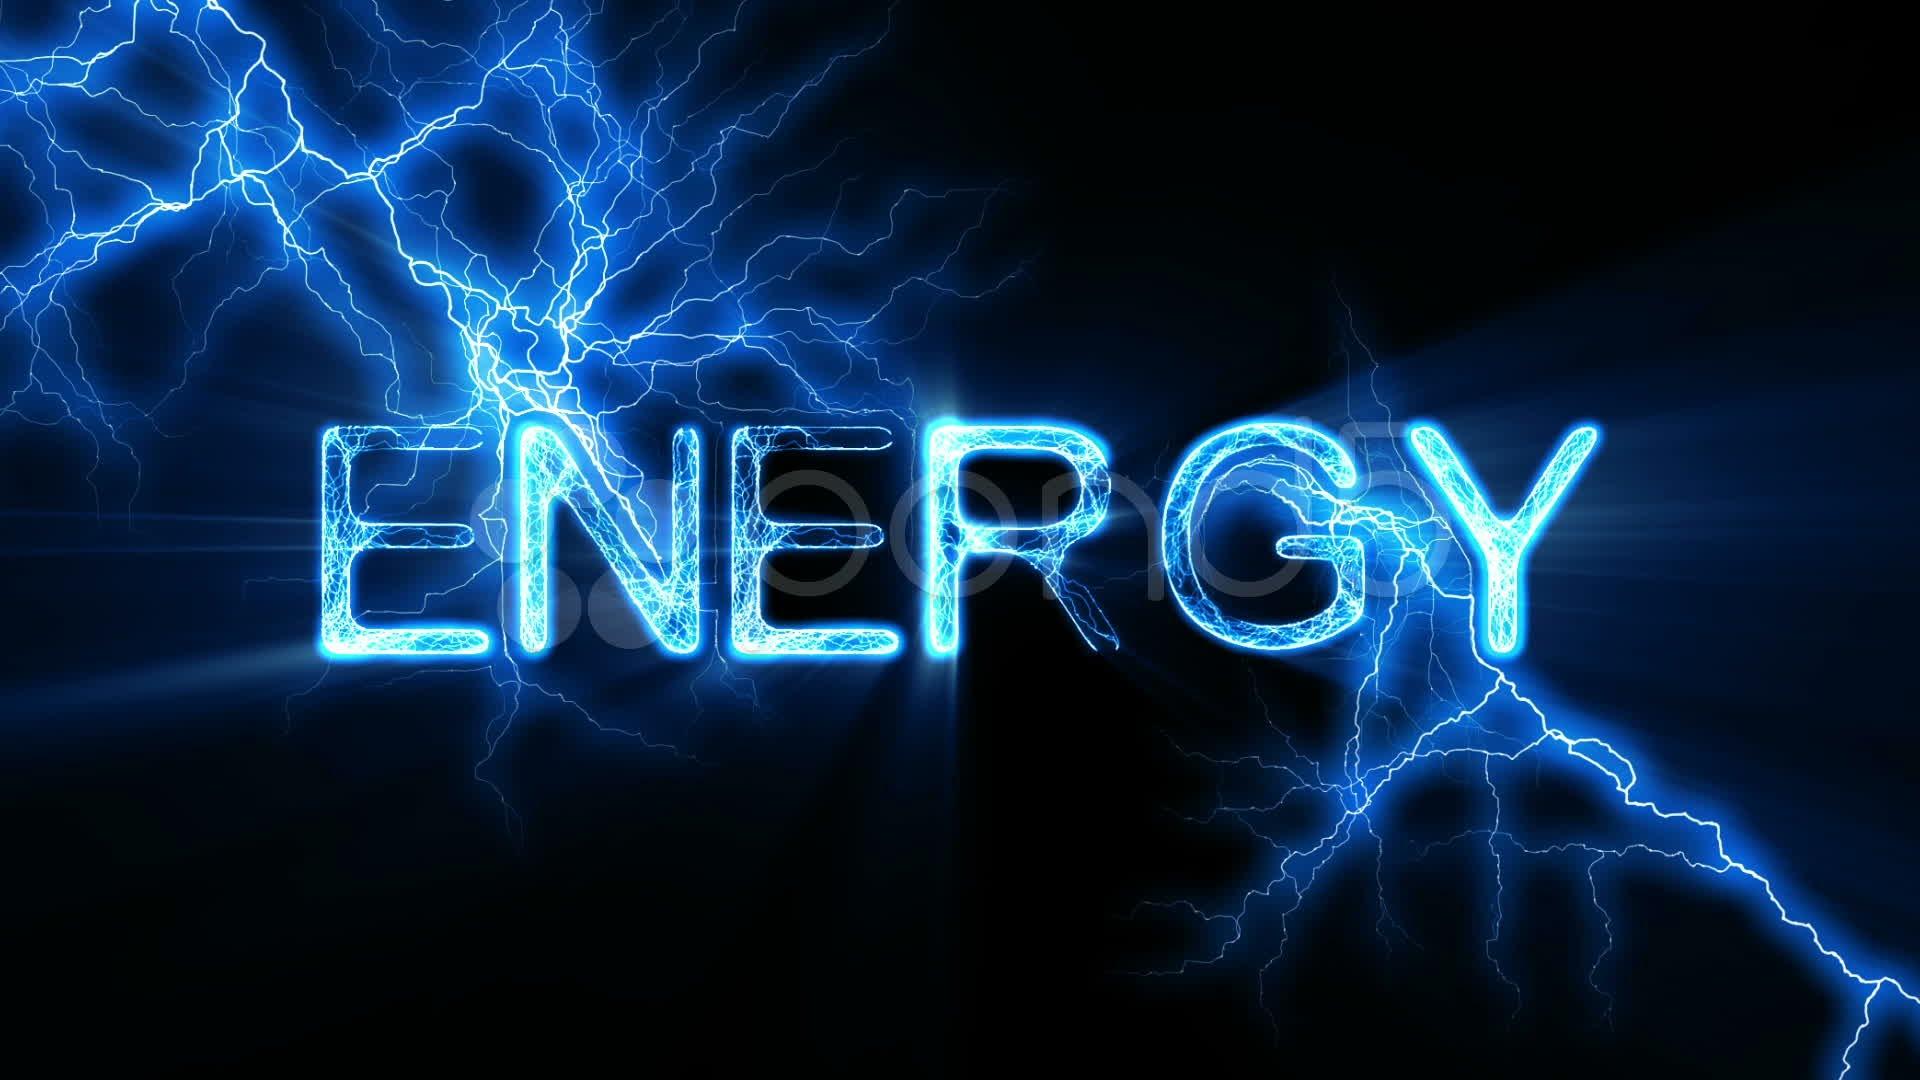 L'énergie libre et gratuite : moteur à base d'aimants permanents… c'est possible?